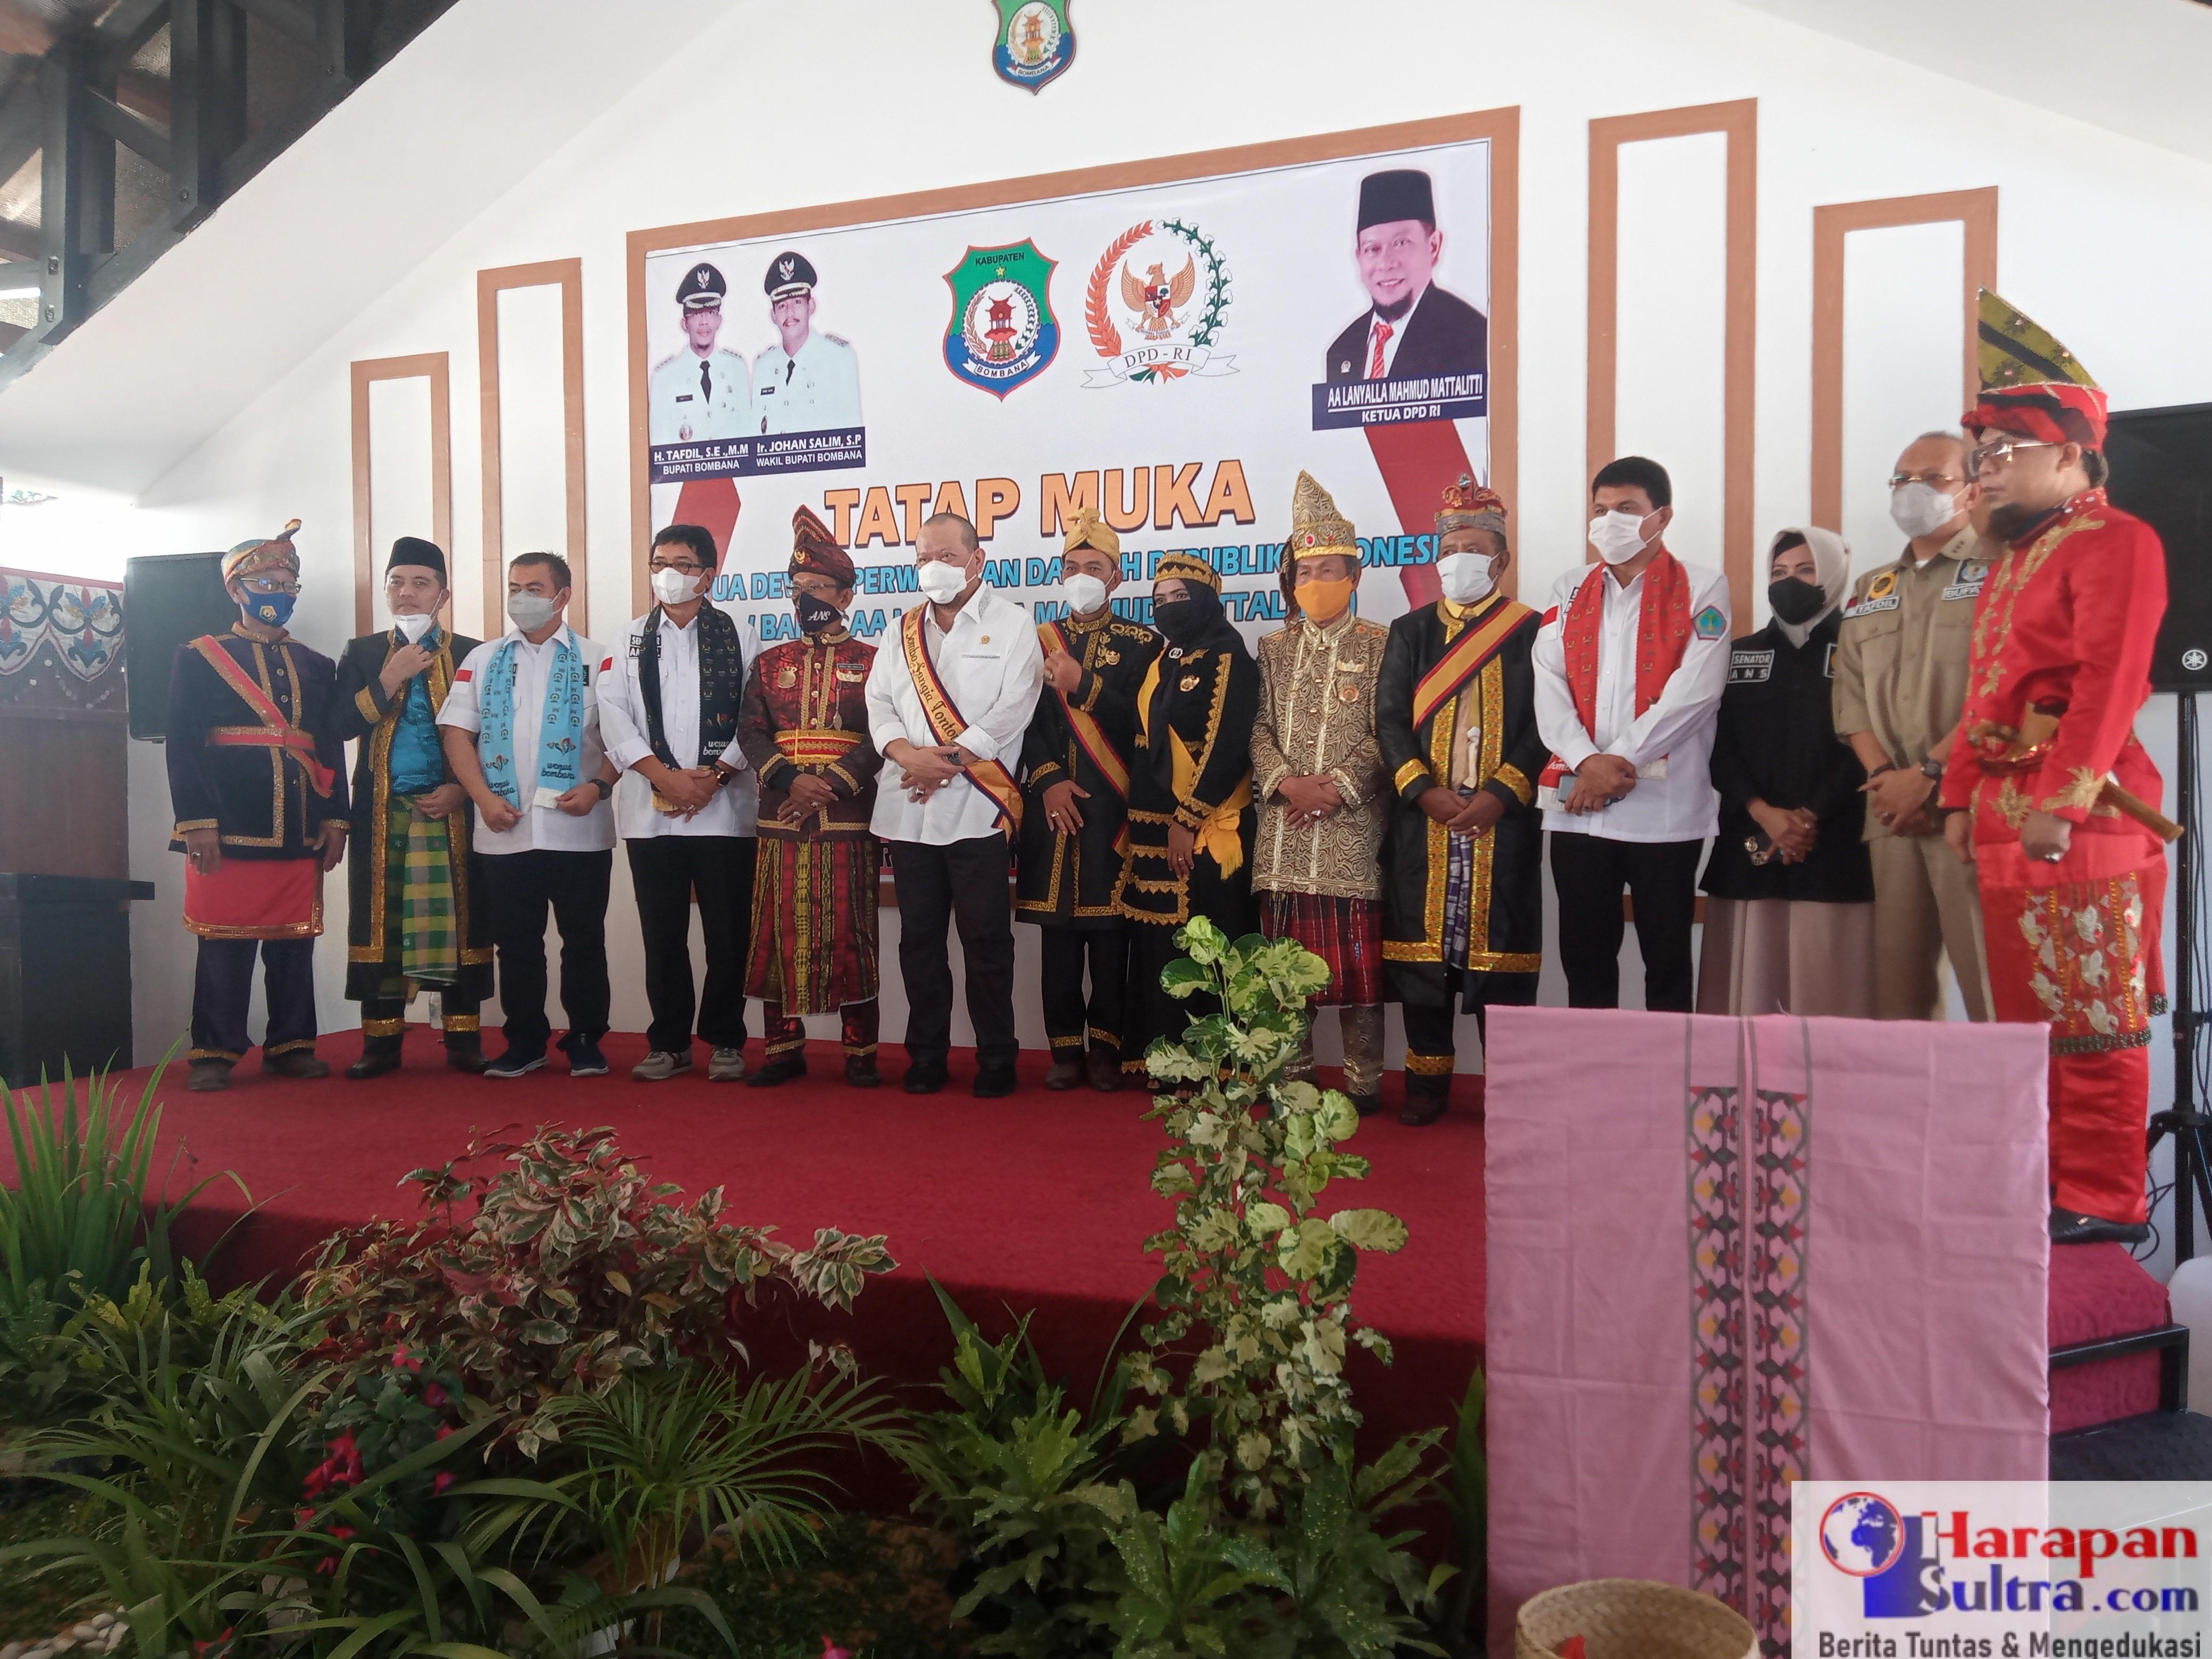 Foto Bersama Usai Penganugerahan Gelar Kerajaan Tokotua Kabaena